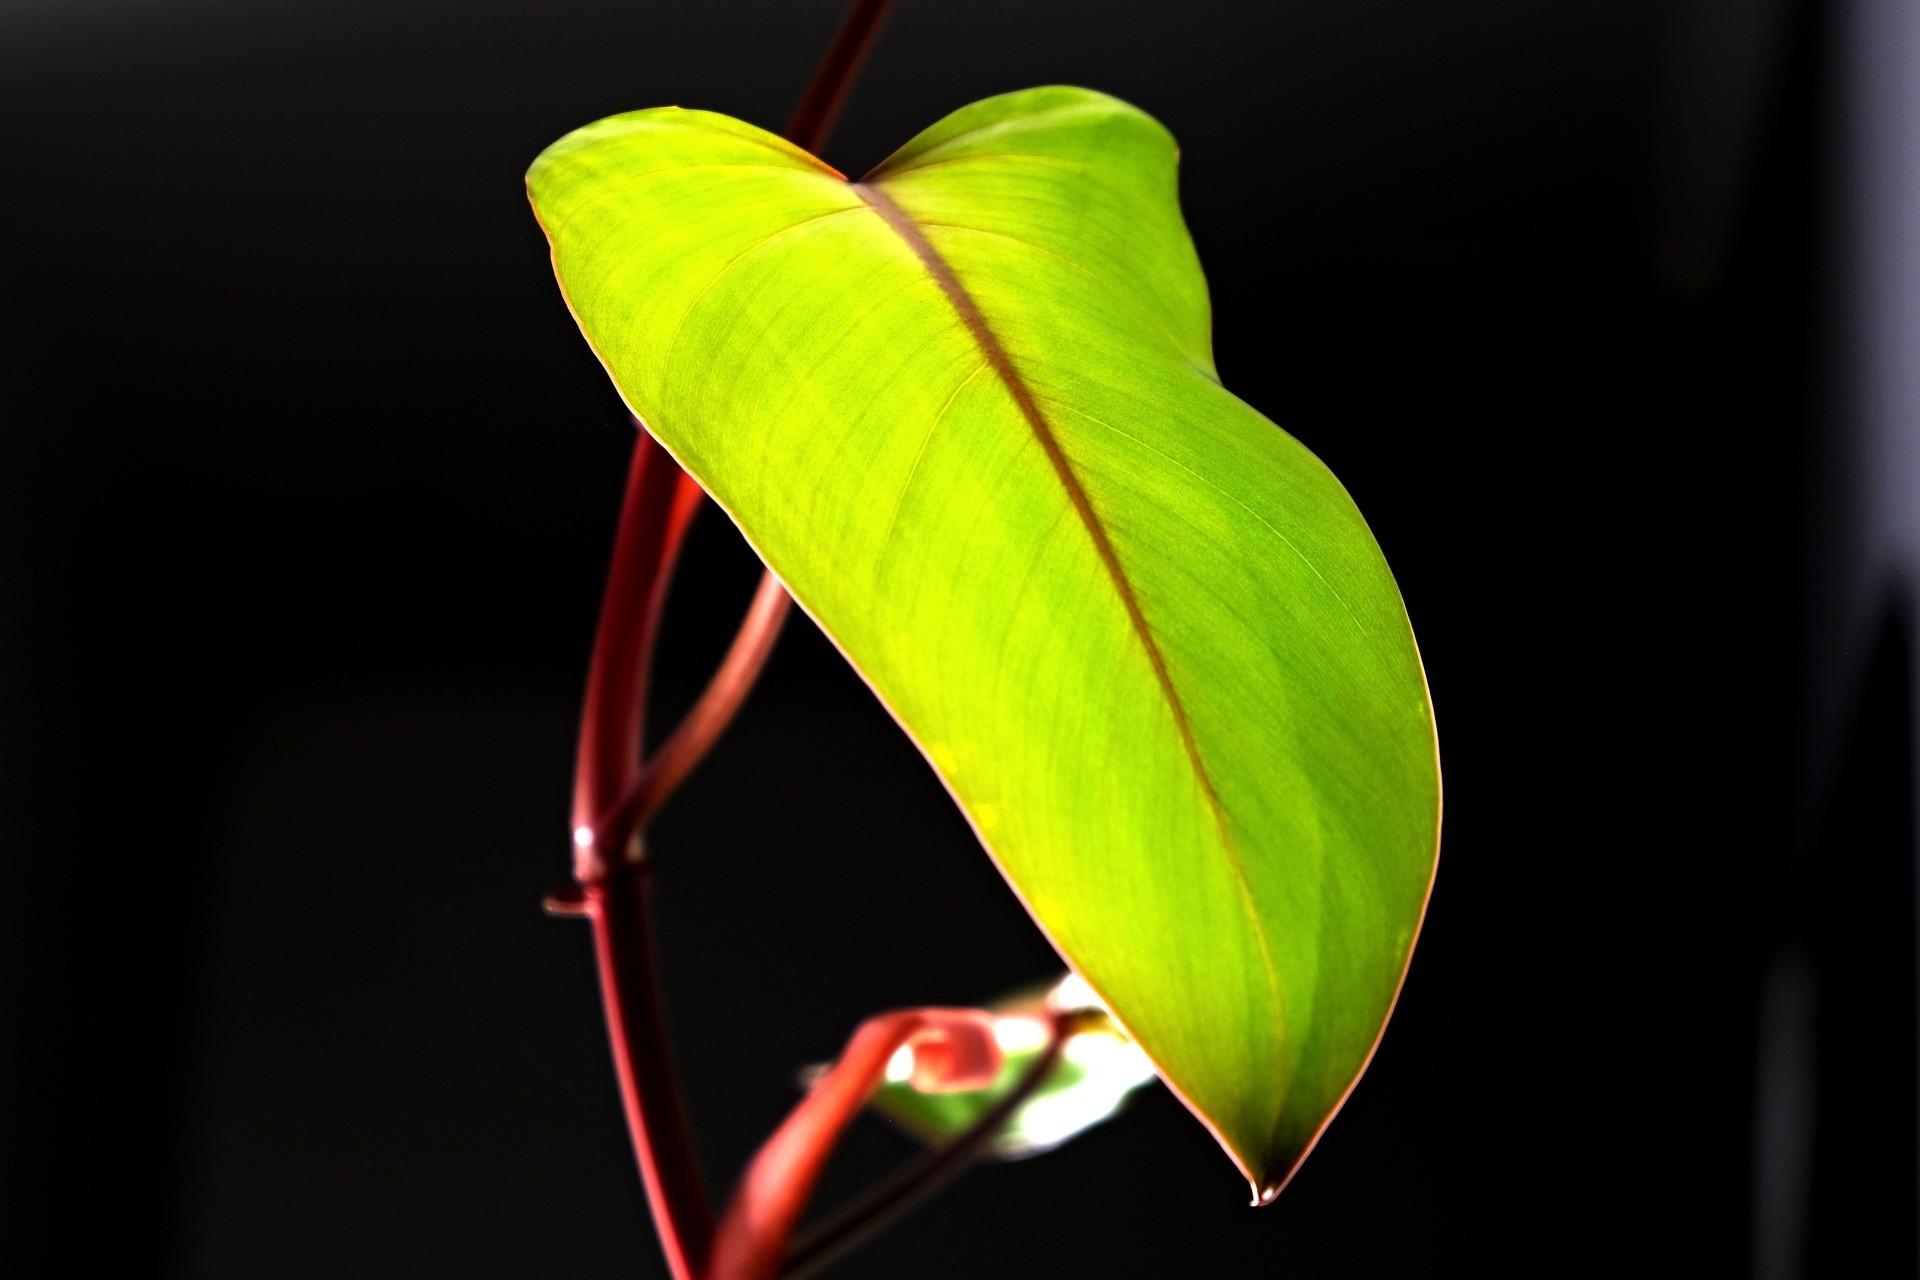 nawożenie kwiatów domowych, nawozy dla roślin domowych